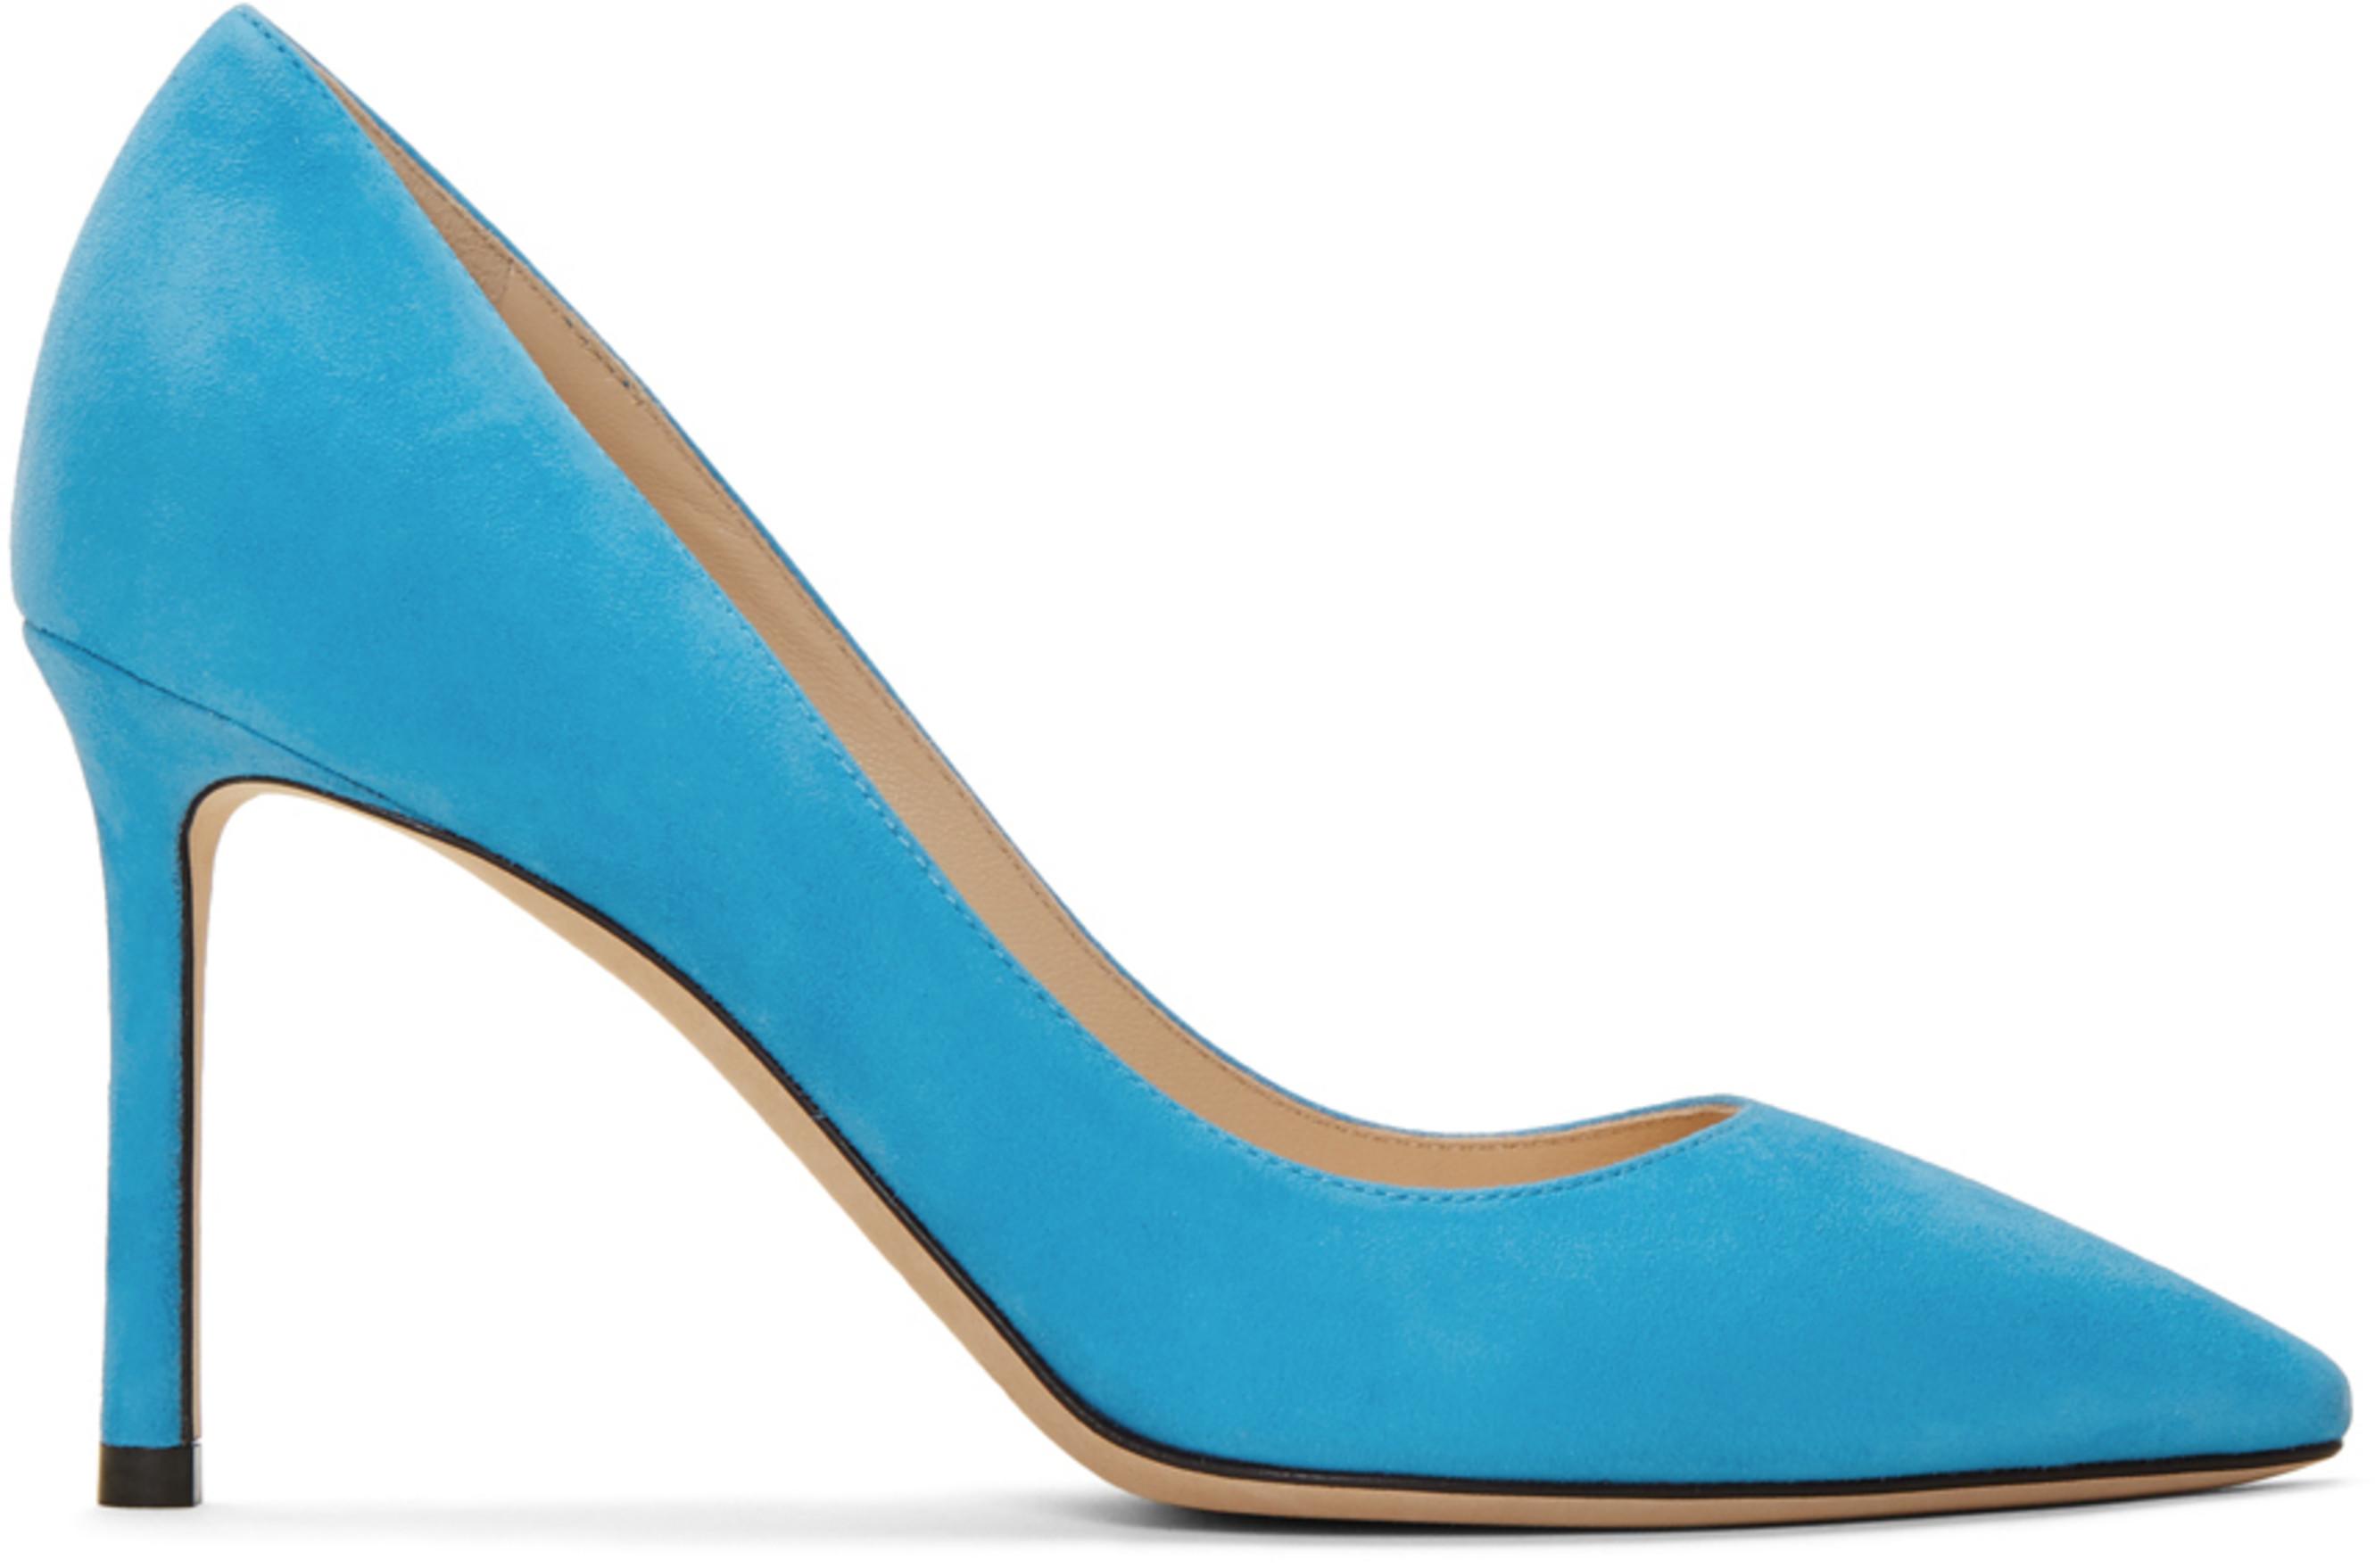 b6273c9446f Blue Suede Romy 85 Heels